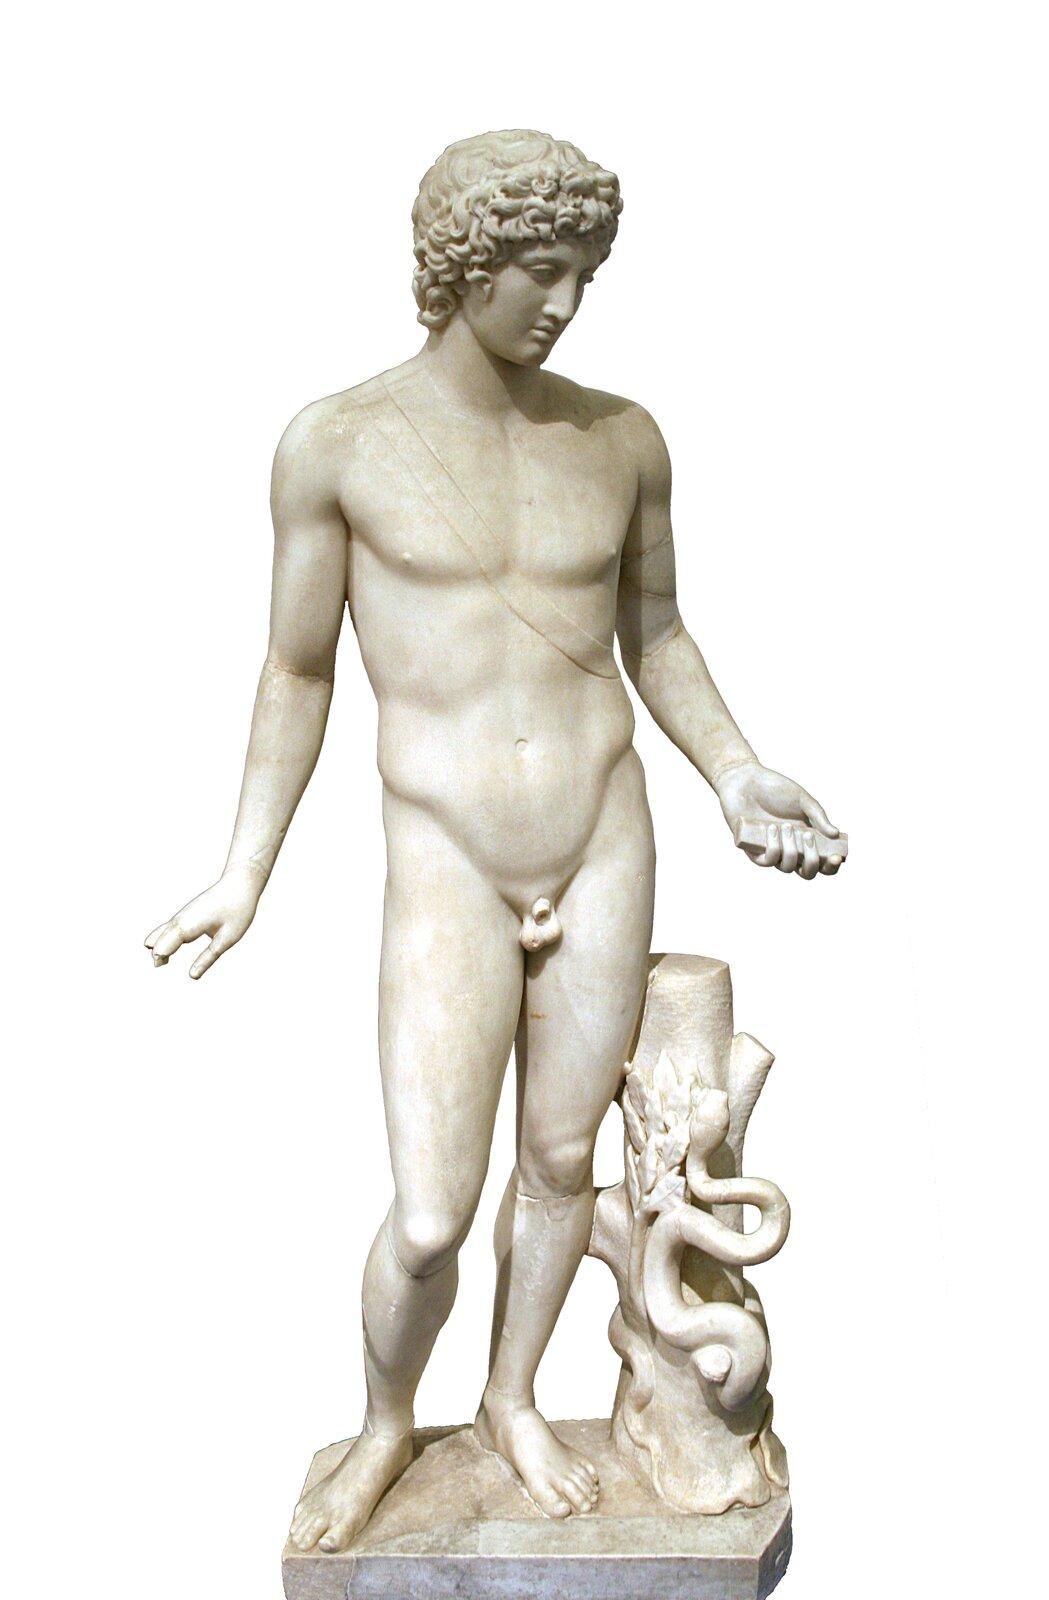 Apollo To kopia rzeźby zII w. n.e. przedstawiającej Apolla, znajdująca się wMuzeum Narodowym wRzymie. Przyglądając się dziełu, opisz, wjaki sposób autor rzeźby ukazałApolla. Źródło: Apollo, Muzeum Narodowe wRzymie, licencja: CC BY-SA 3.0.